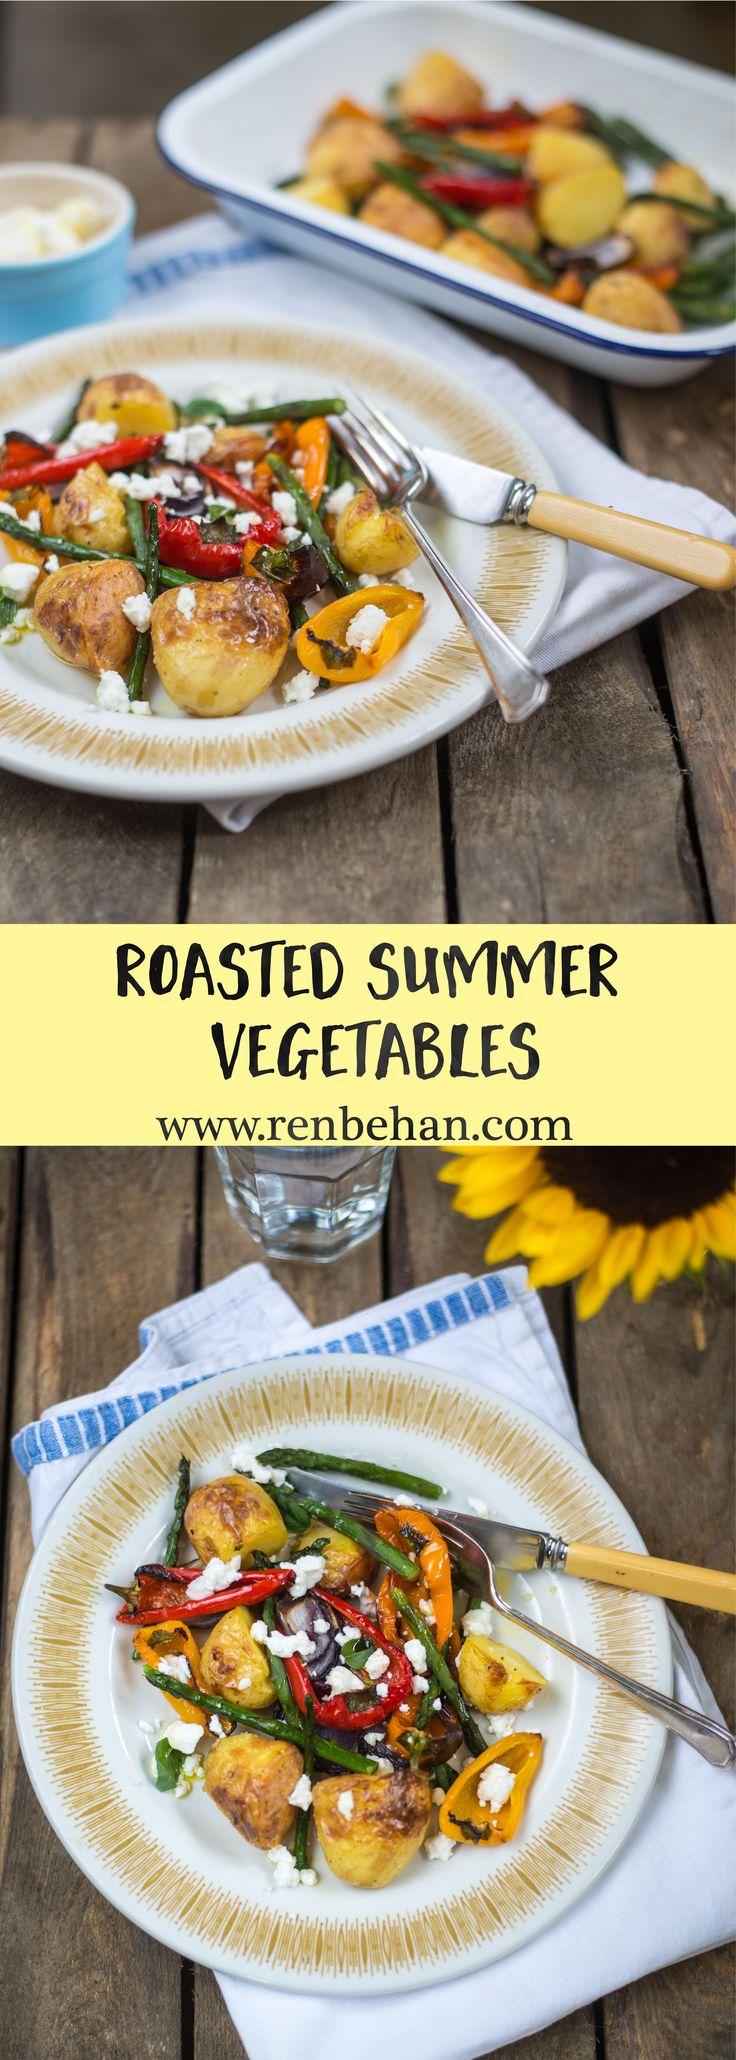 Roasted Summer Vegetables for #tasteofsummer @waitrose